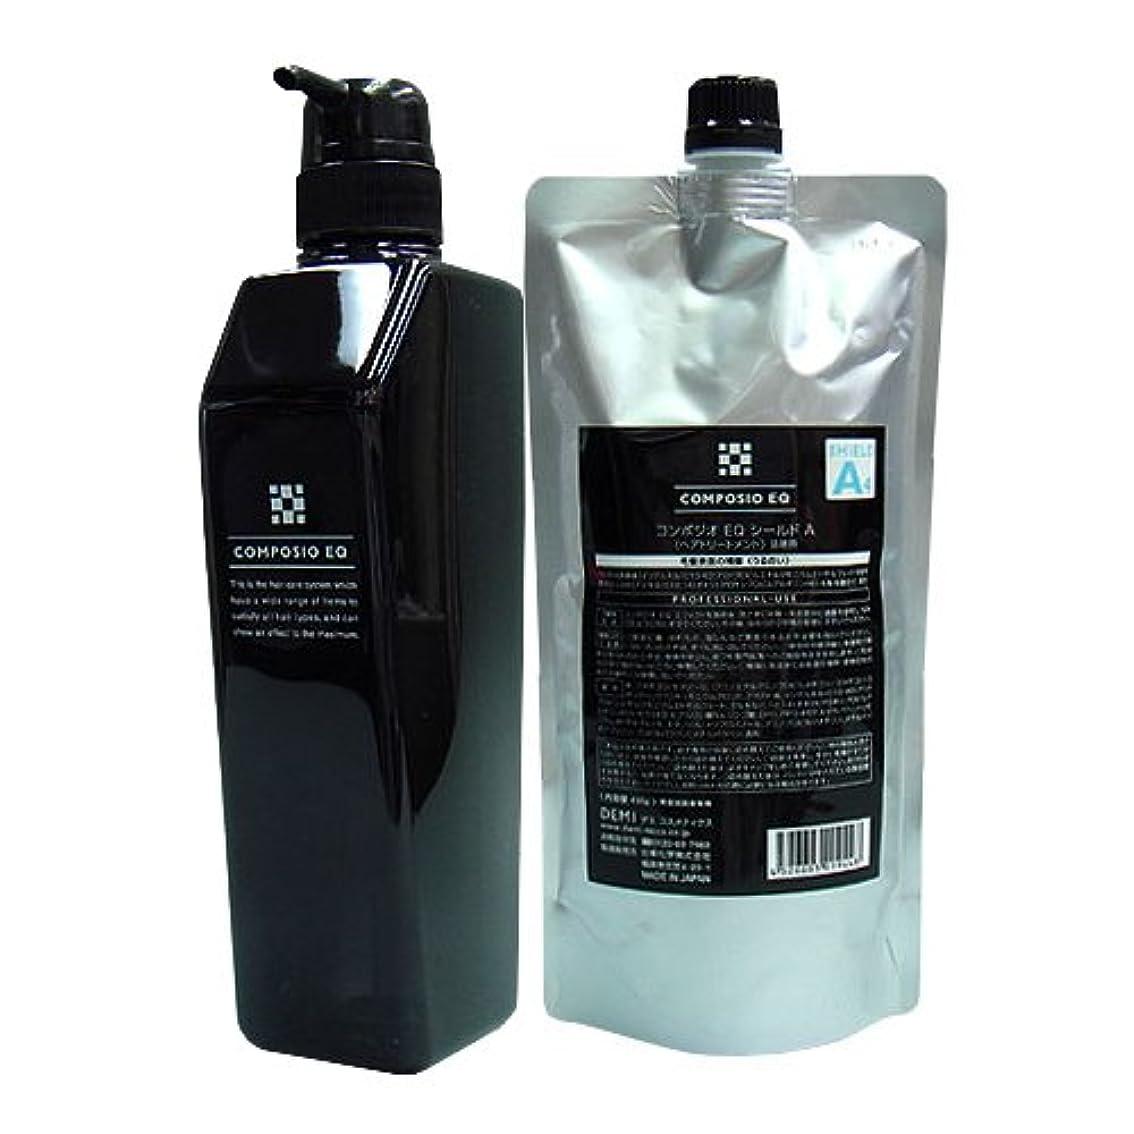 読者独立したブローホールデミ コンポジオ EQ シールド A 詰替え ボトルセット うるおいタイプ 450g